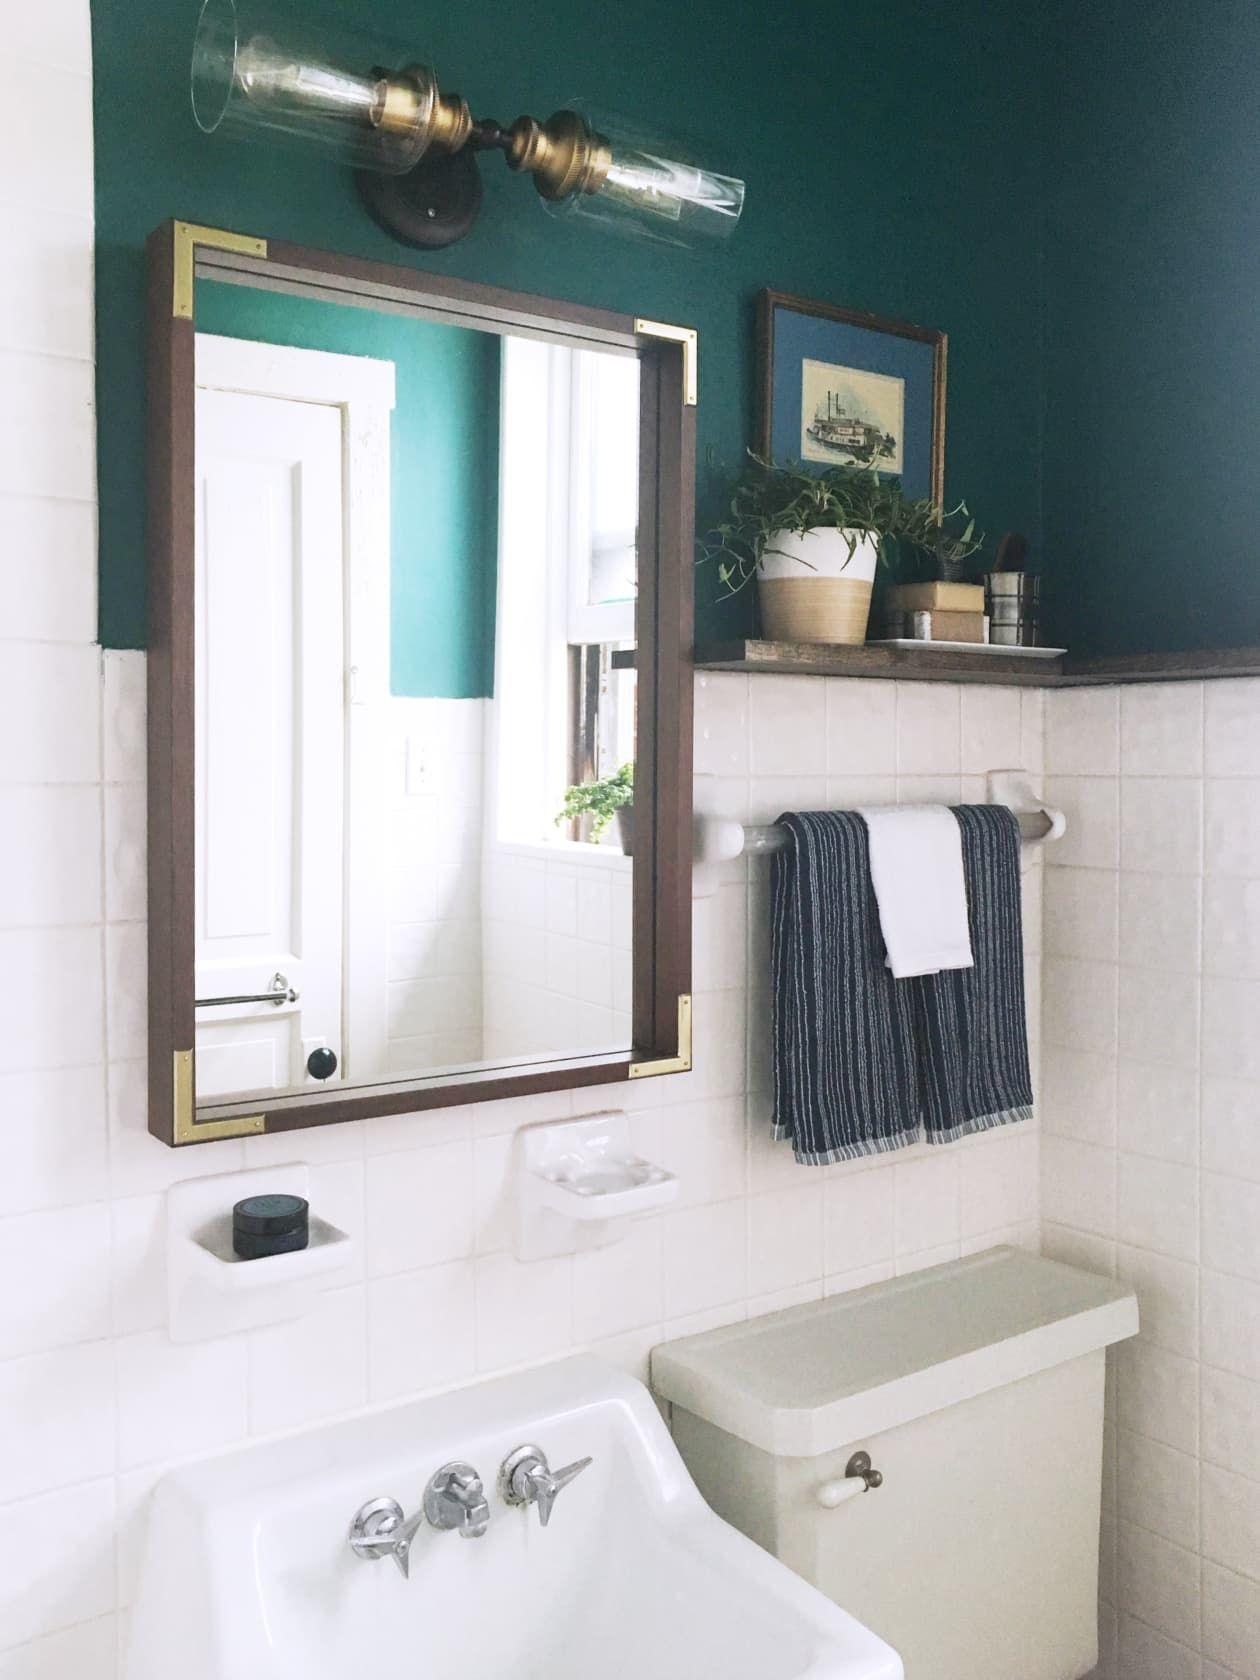 A 100 Reversible Rental Bathroom Makeover For Under 500